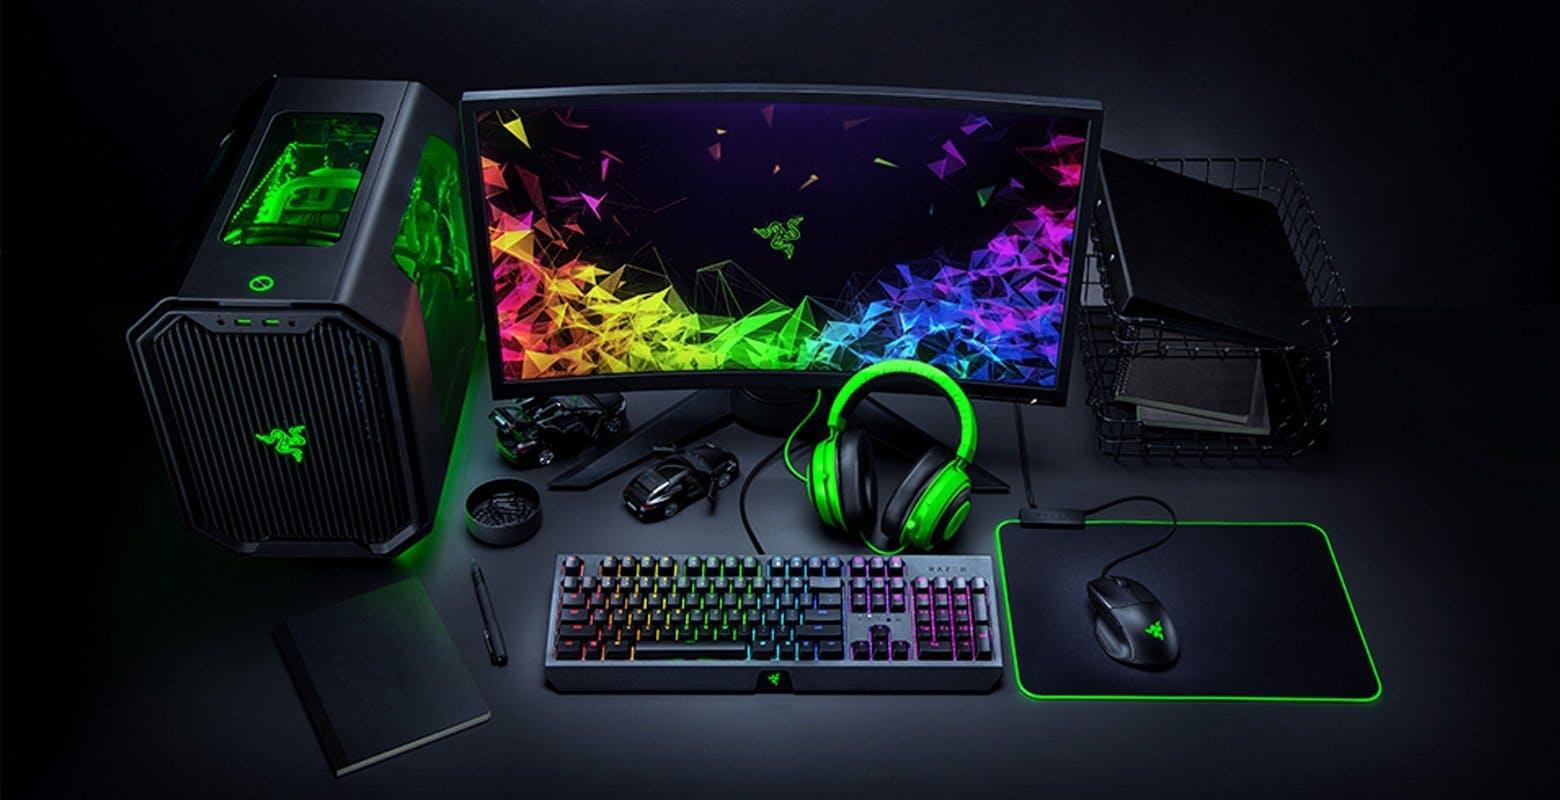 La pericolosa falla dei dispositivi Razer: basta collegare un mouse ad un PC per prenderne il pieno controllo